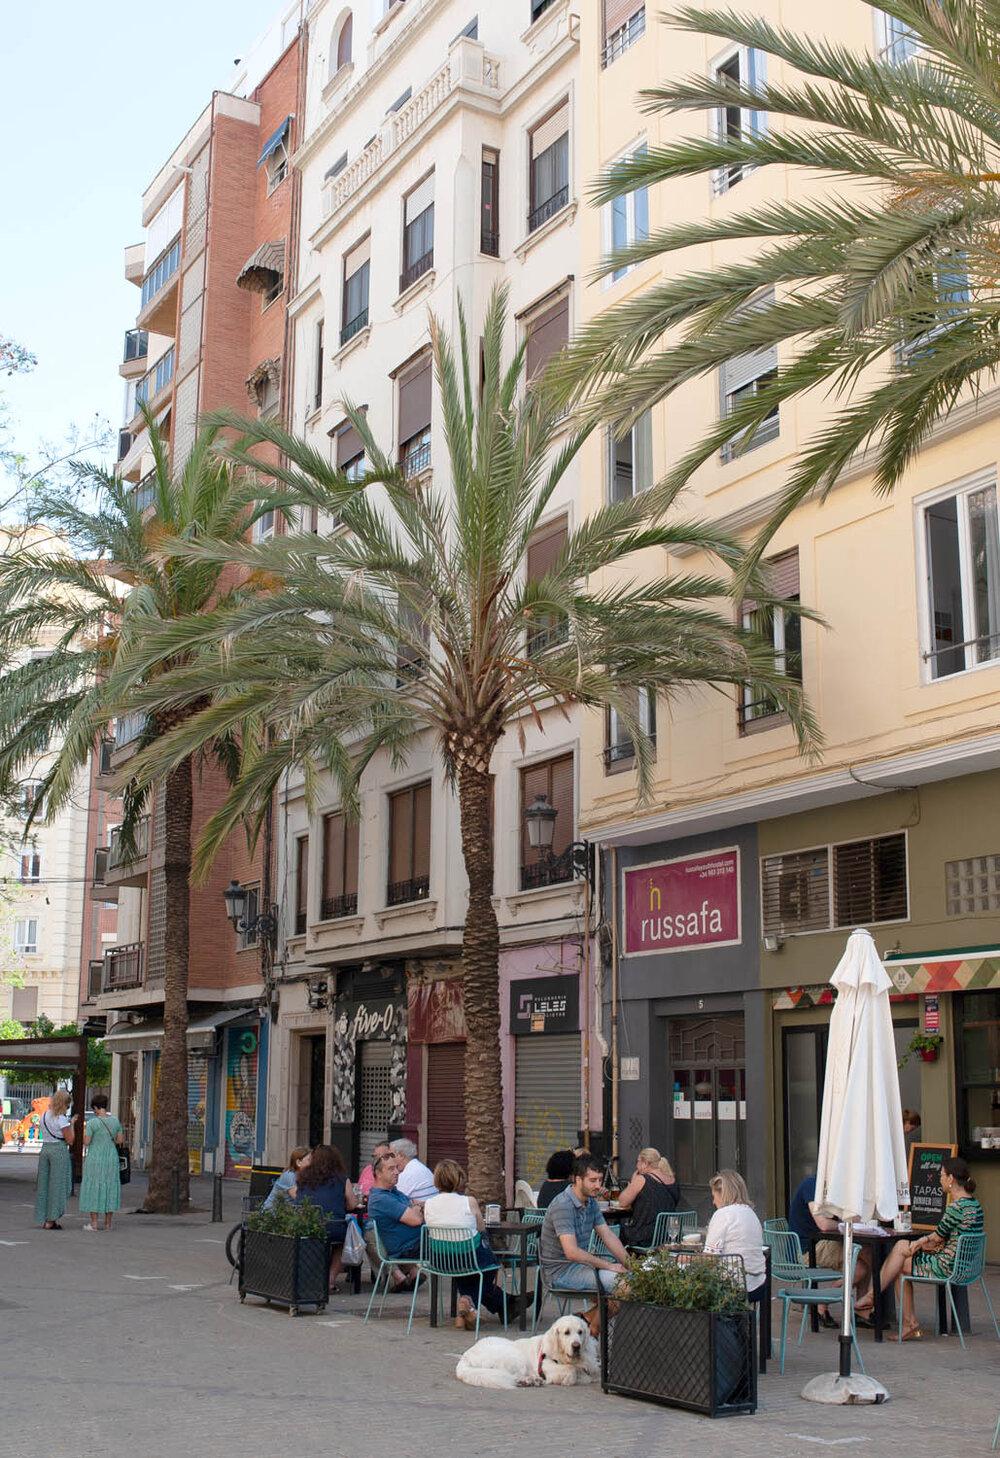 HeleneK_LoveTravel_Blog Voyage_Valence_1Mois1Ville.jpg